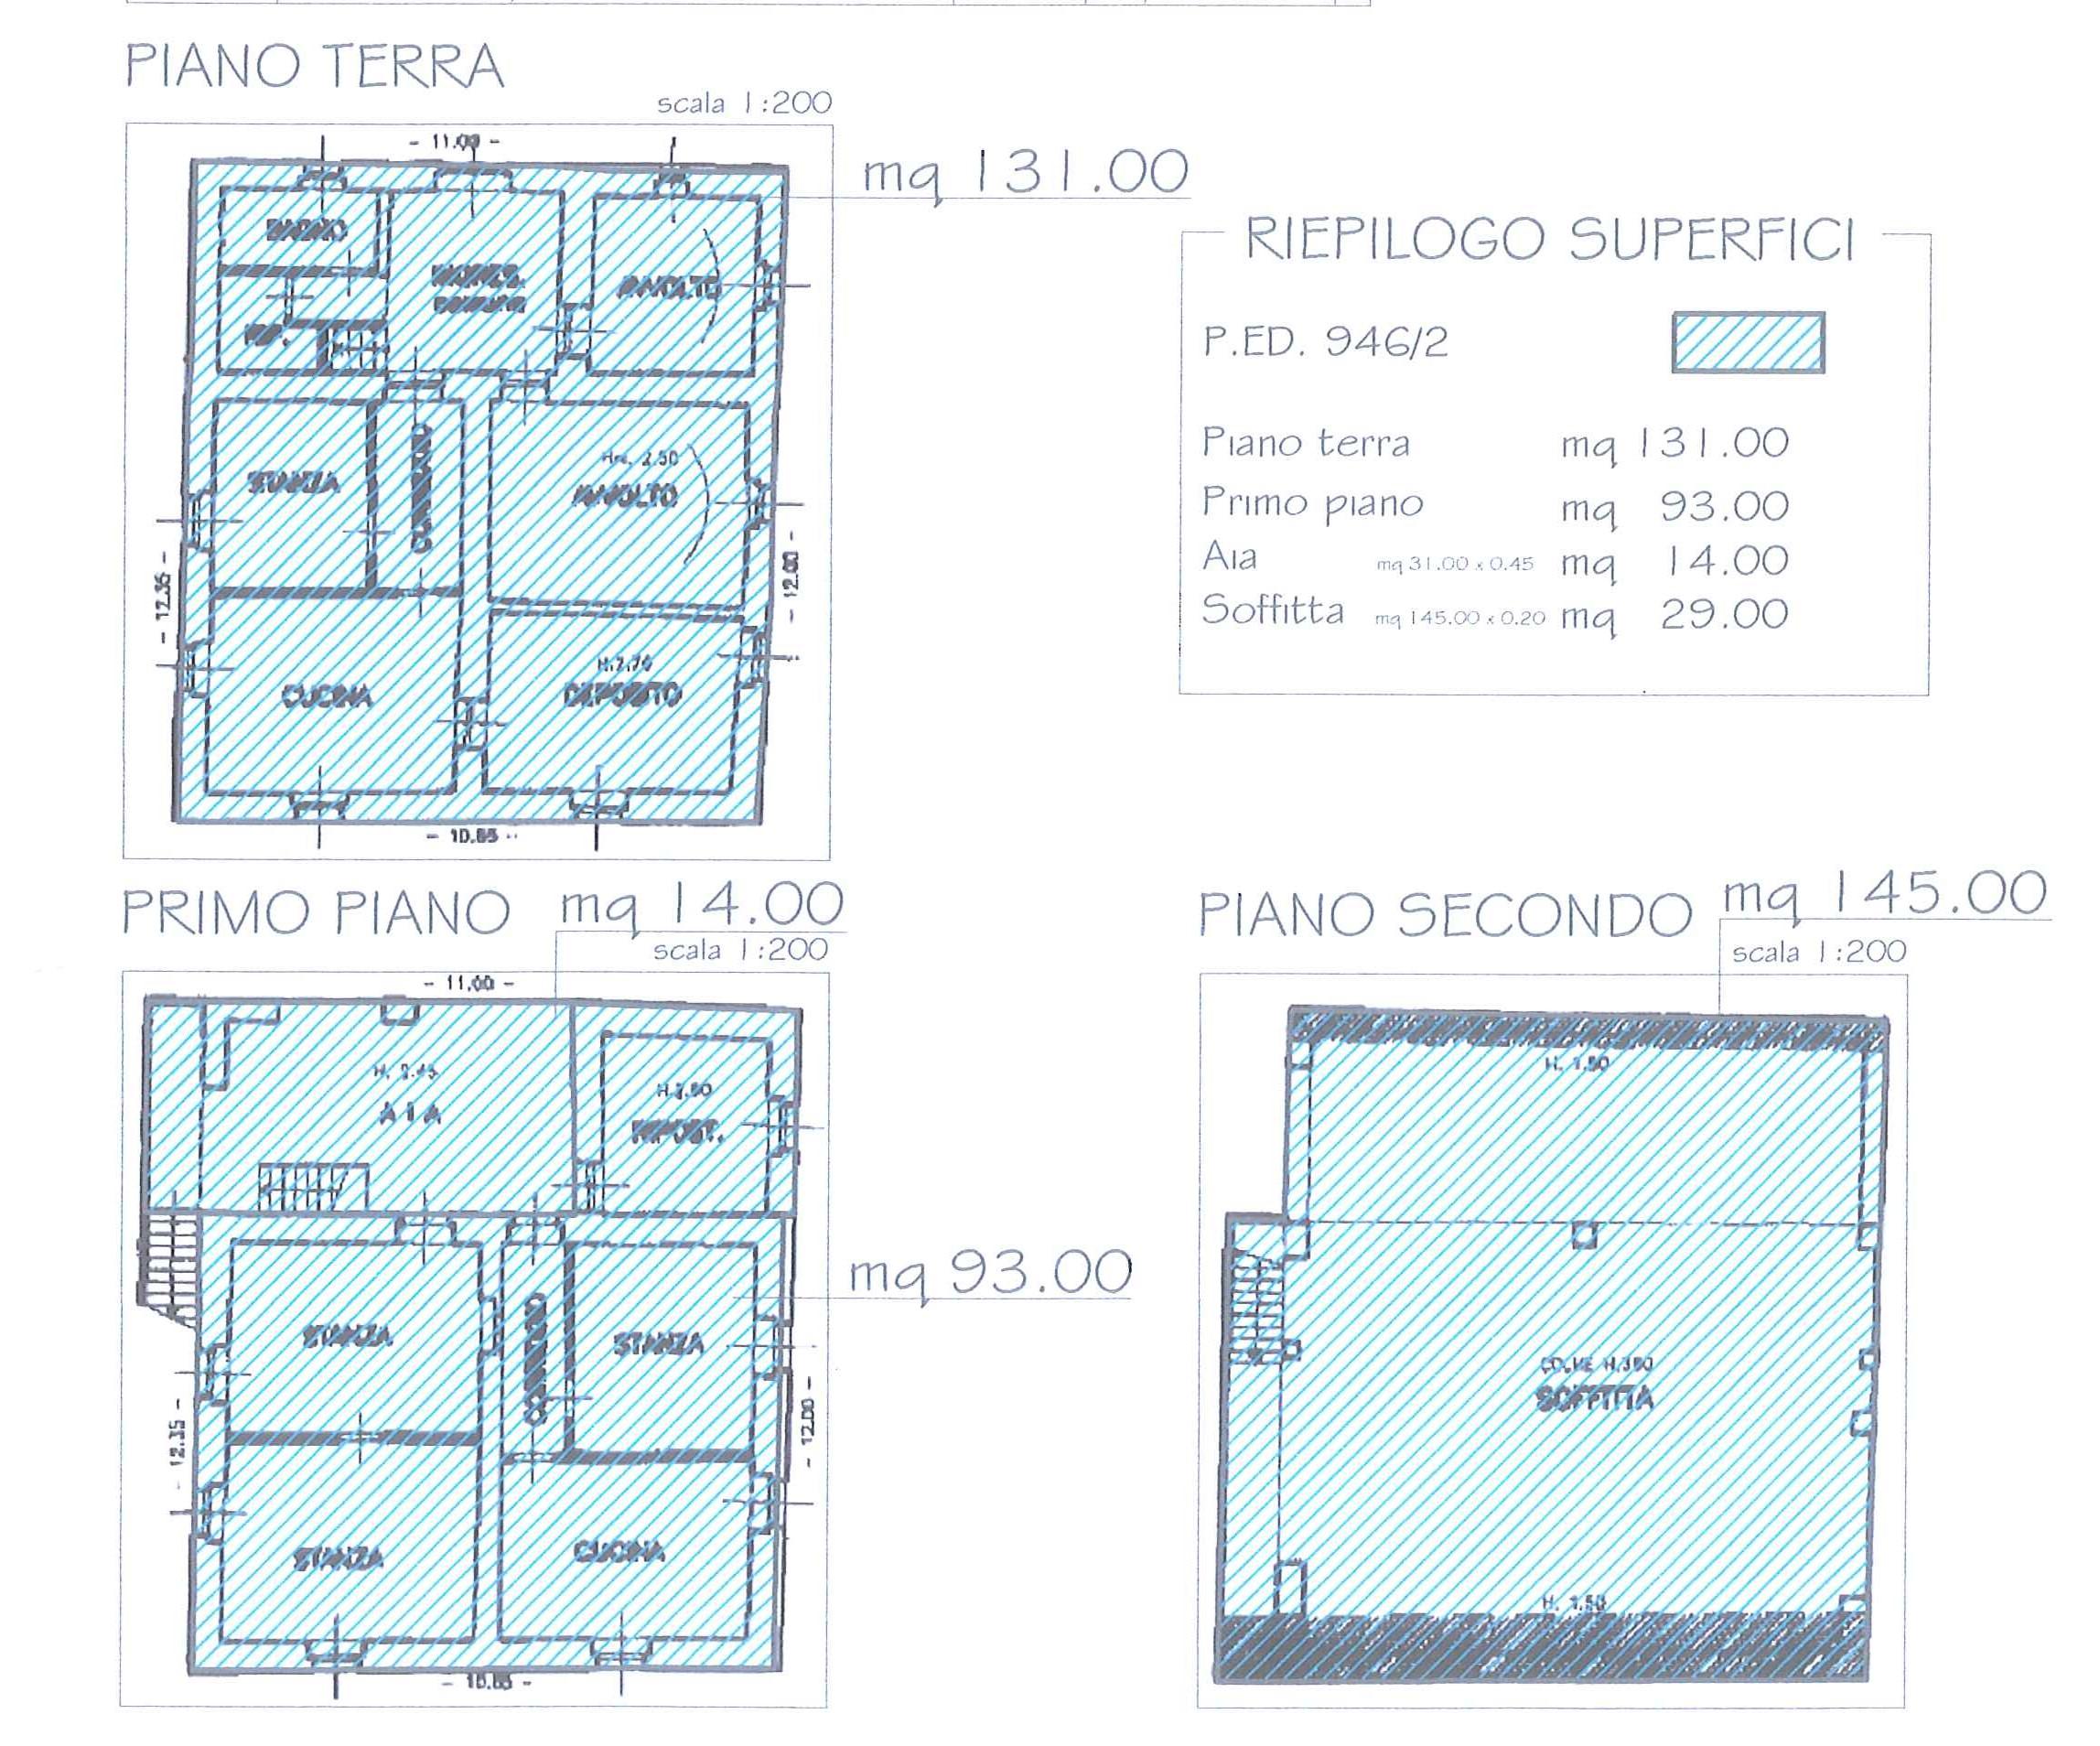 Planimetria_Santa_giuliana